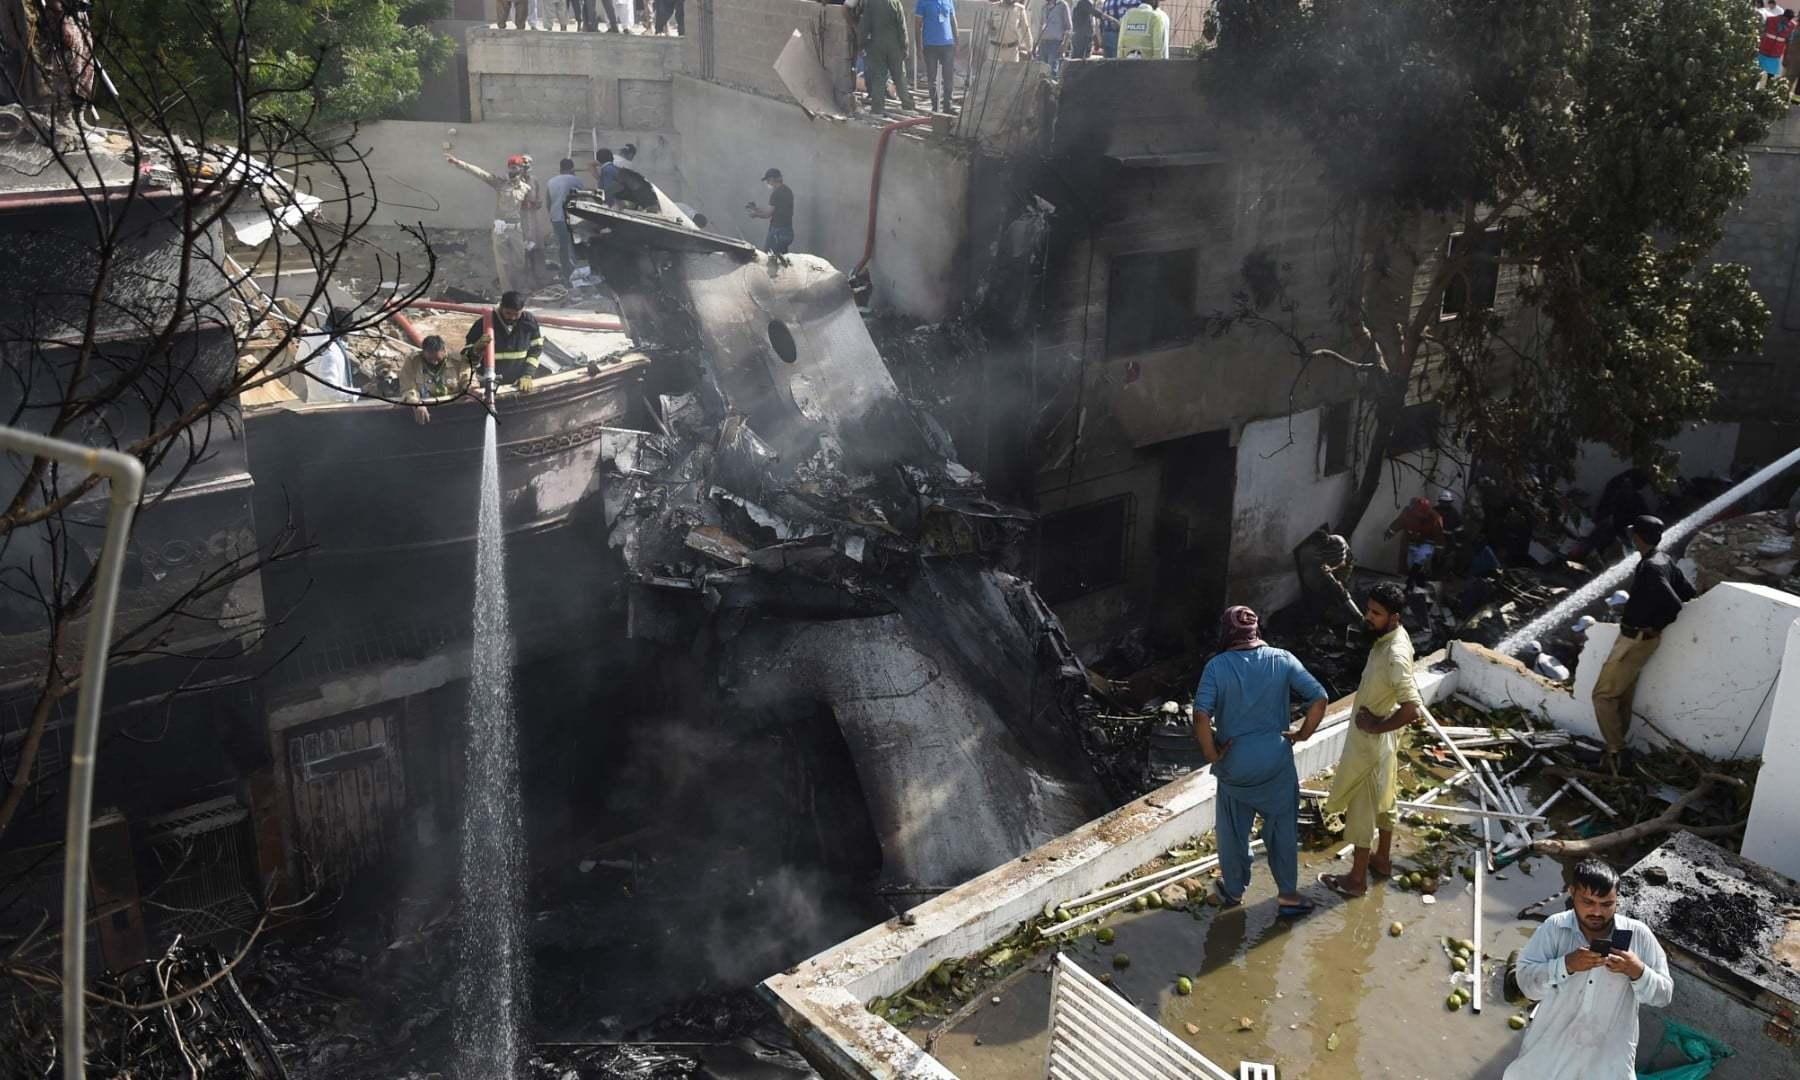 پالپا کا پی آئی اے طیارہ حادثے کی تحقیقات کا مطالبہ